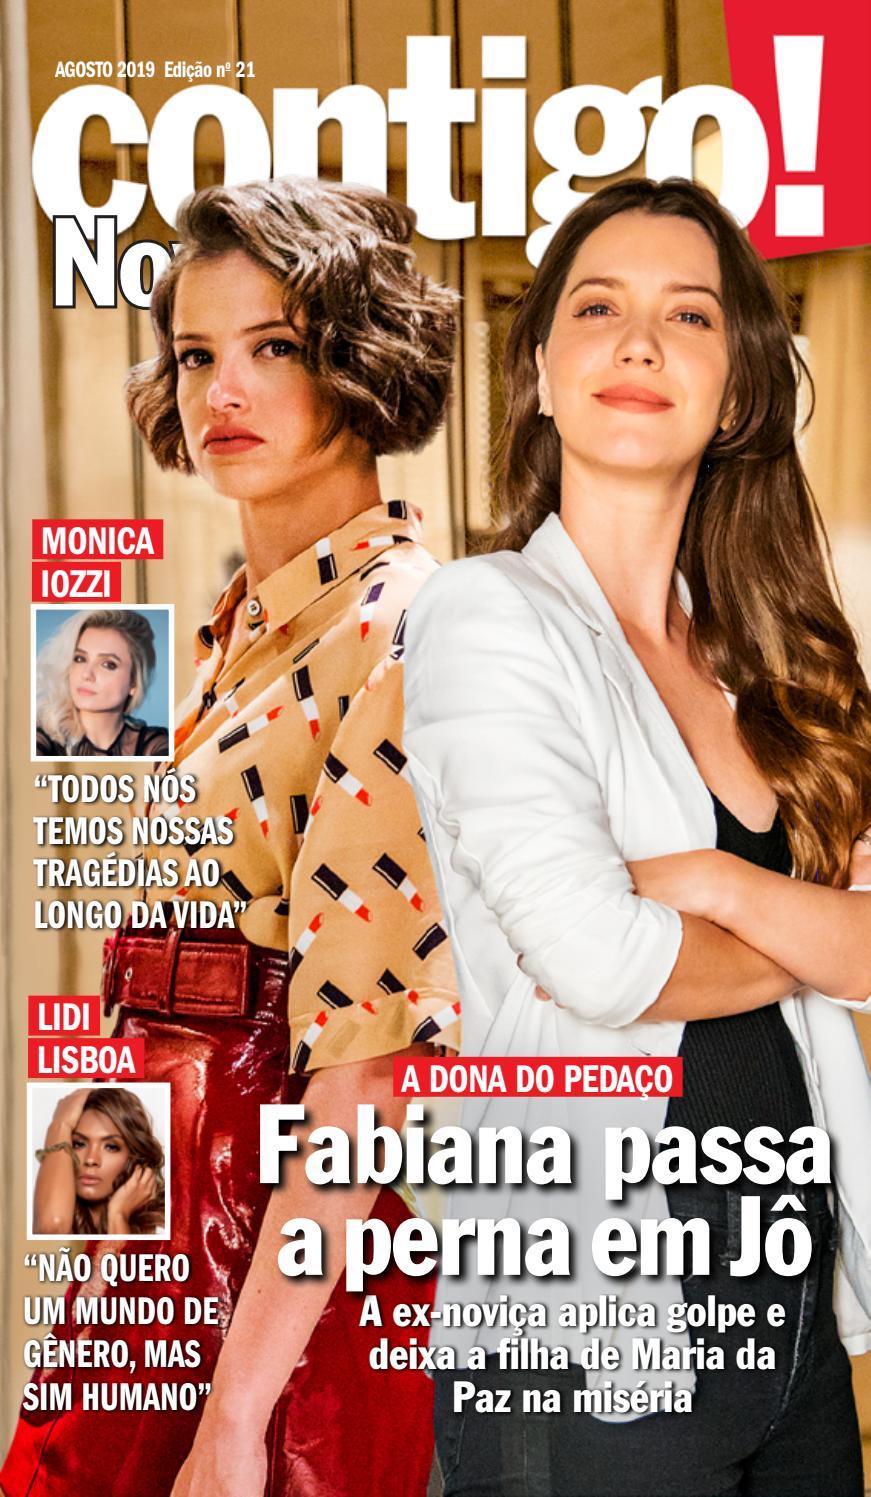 Atriz Lidi Lisboa contigo! novelas - edi��o 21caras brasil - issuu